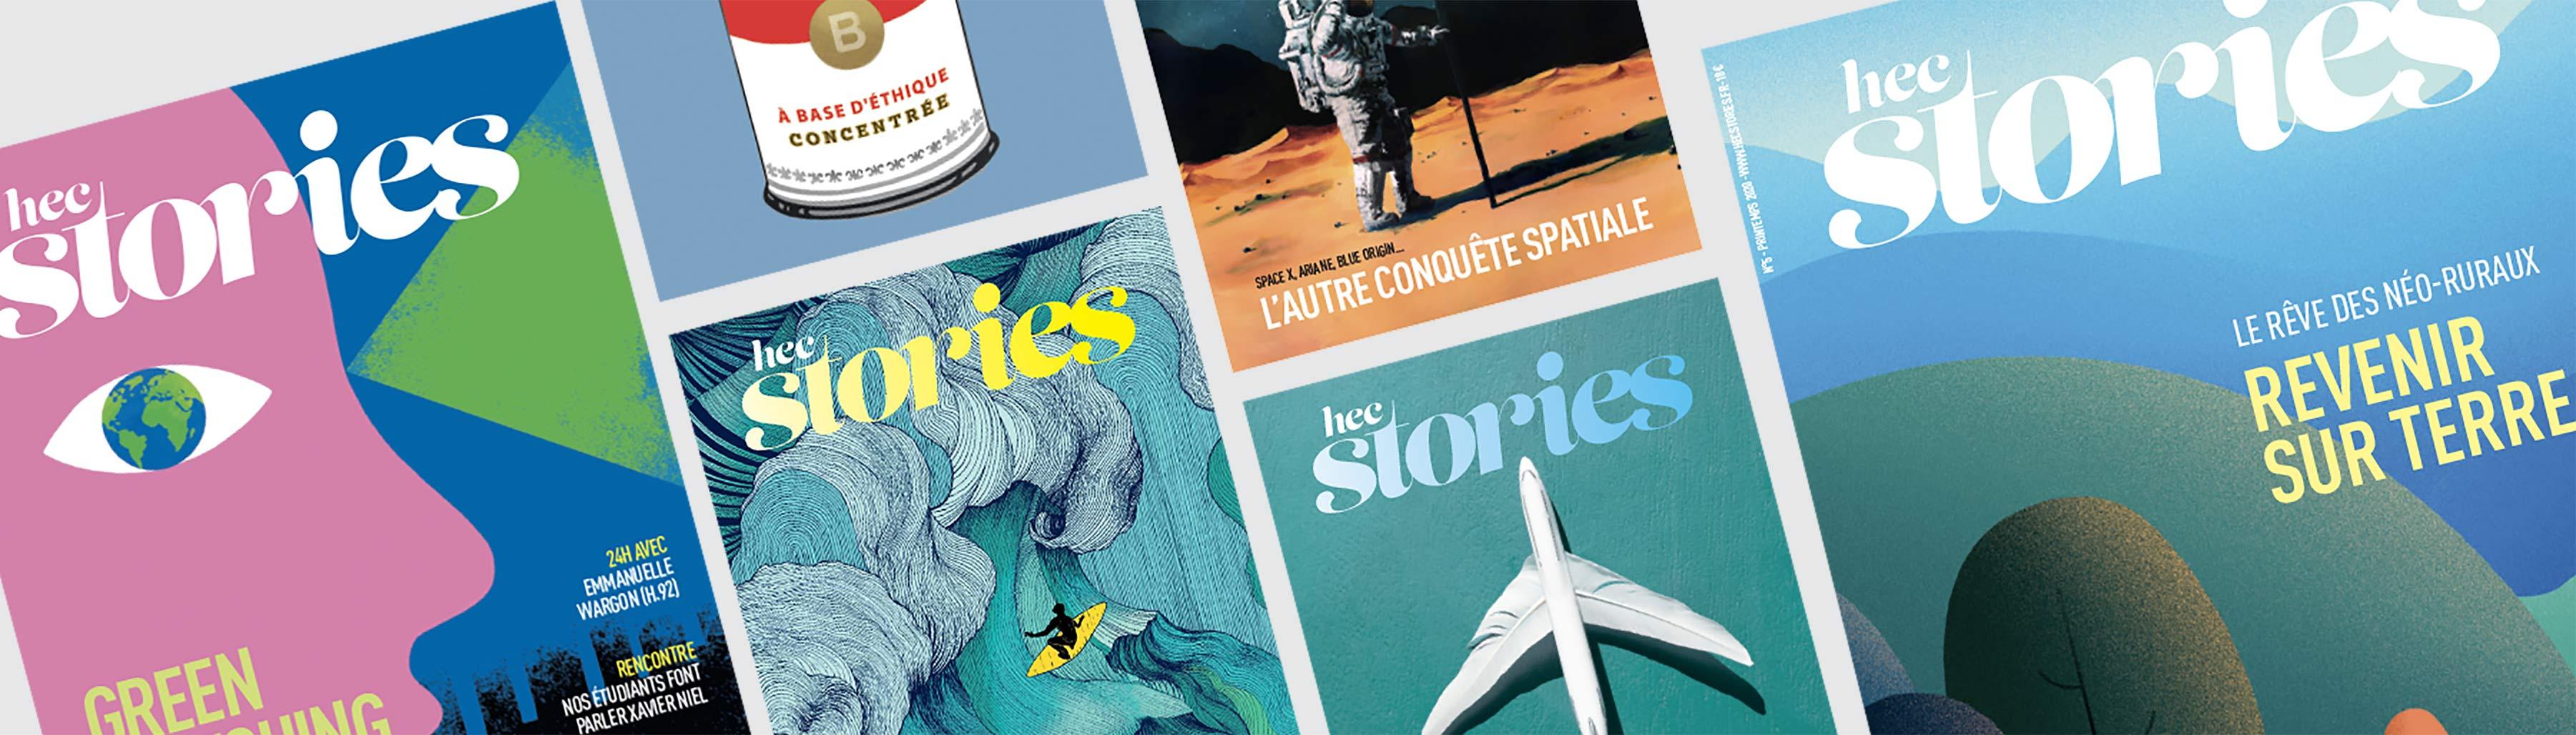 HEC Stories magazine